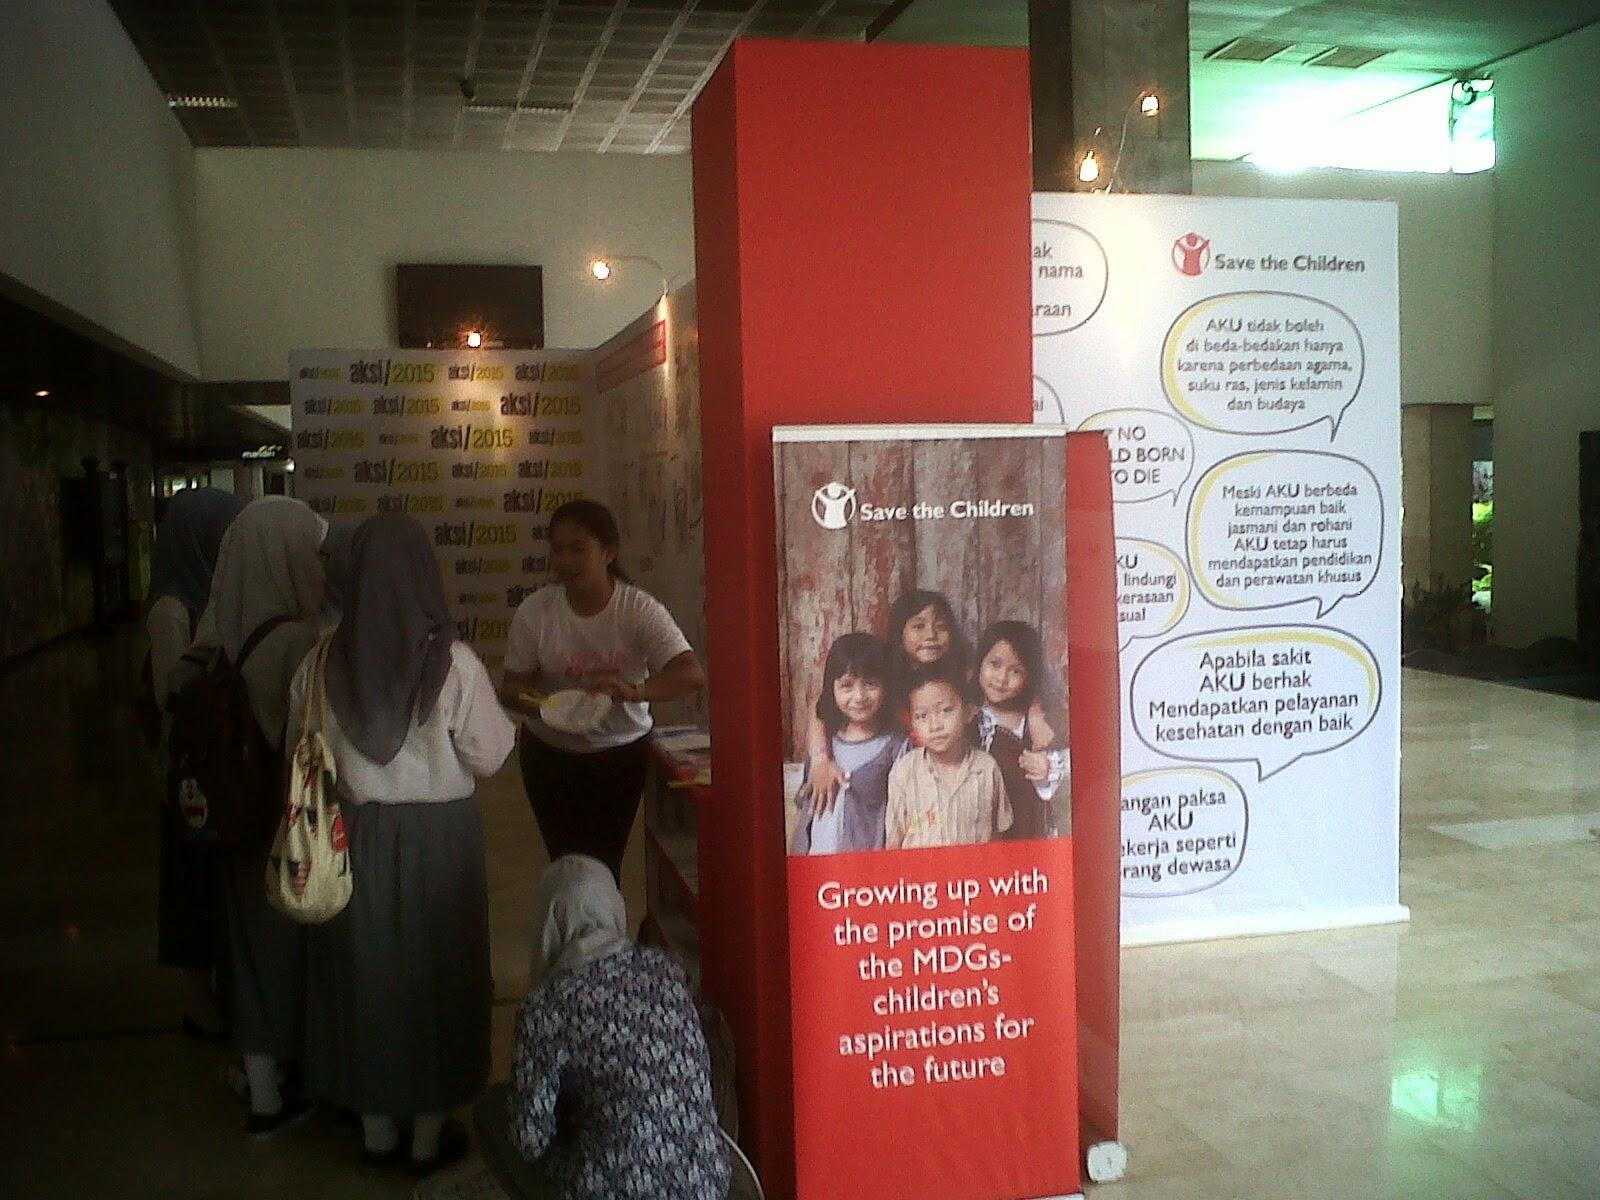 20122, Indonesia Bebas Pekerja Anak